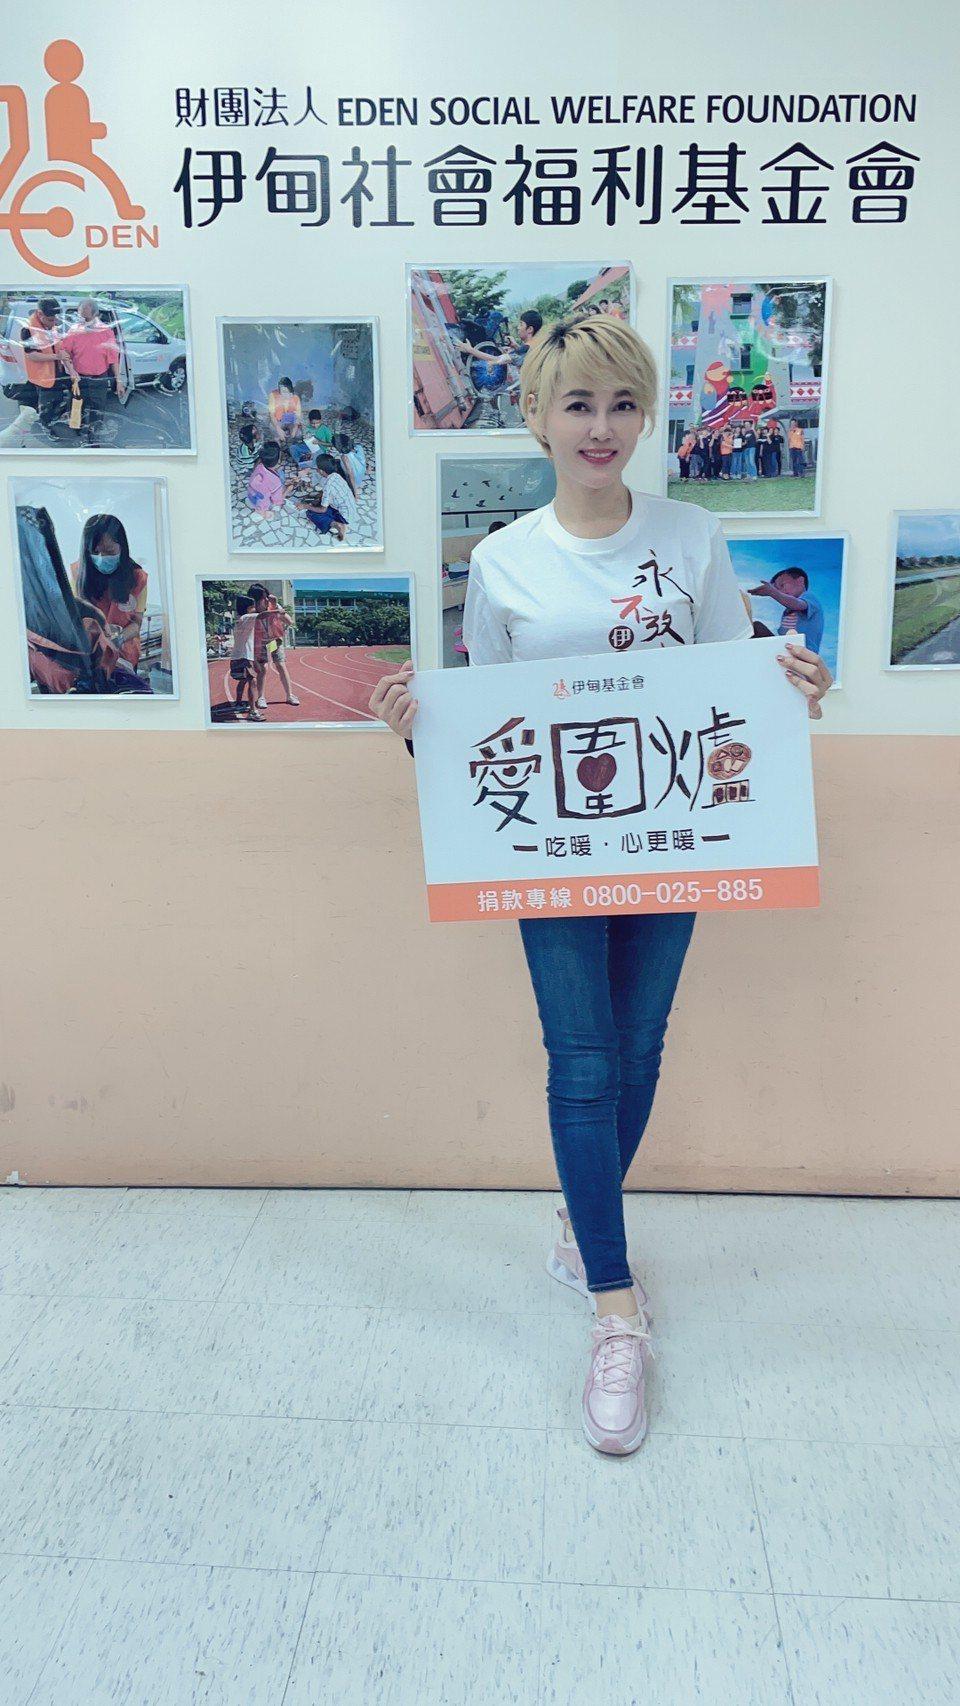 李沛綾捐自家潔手液產品助身障朋友過好年。圖/伊甸基金會提供